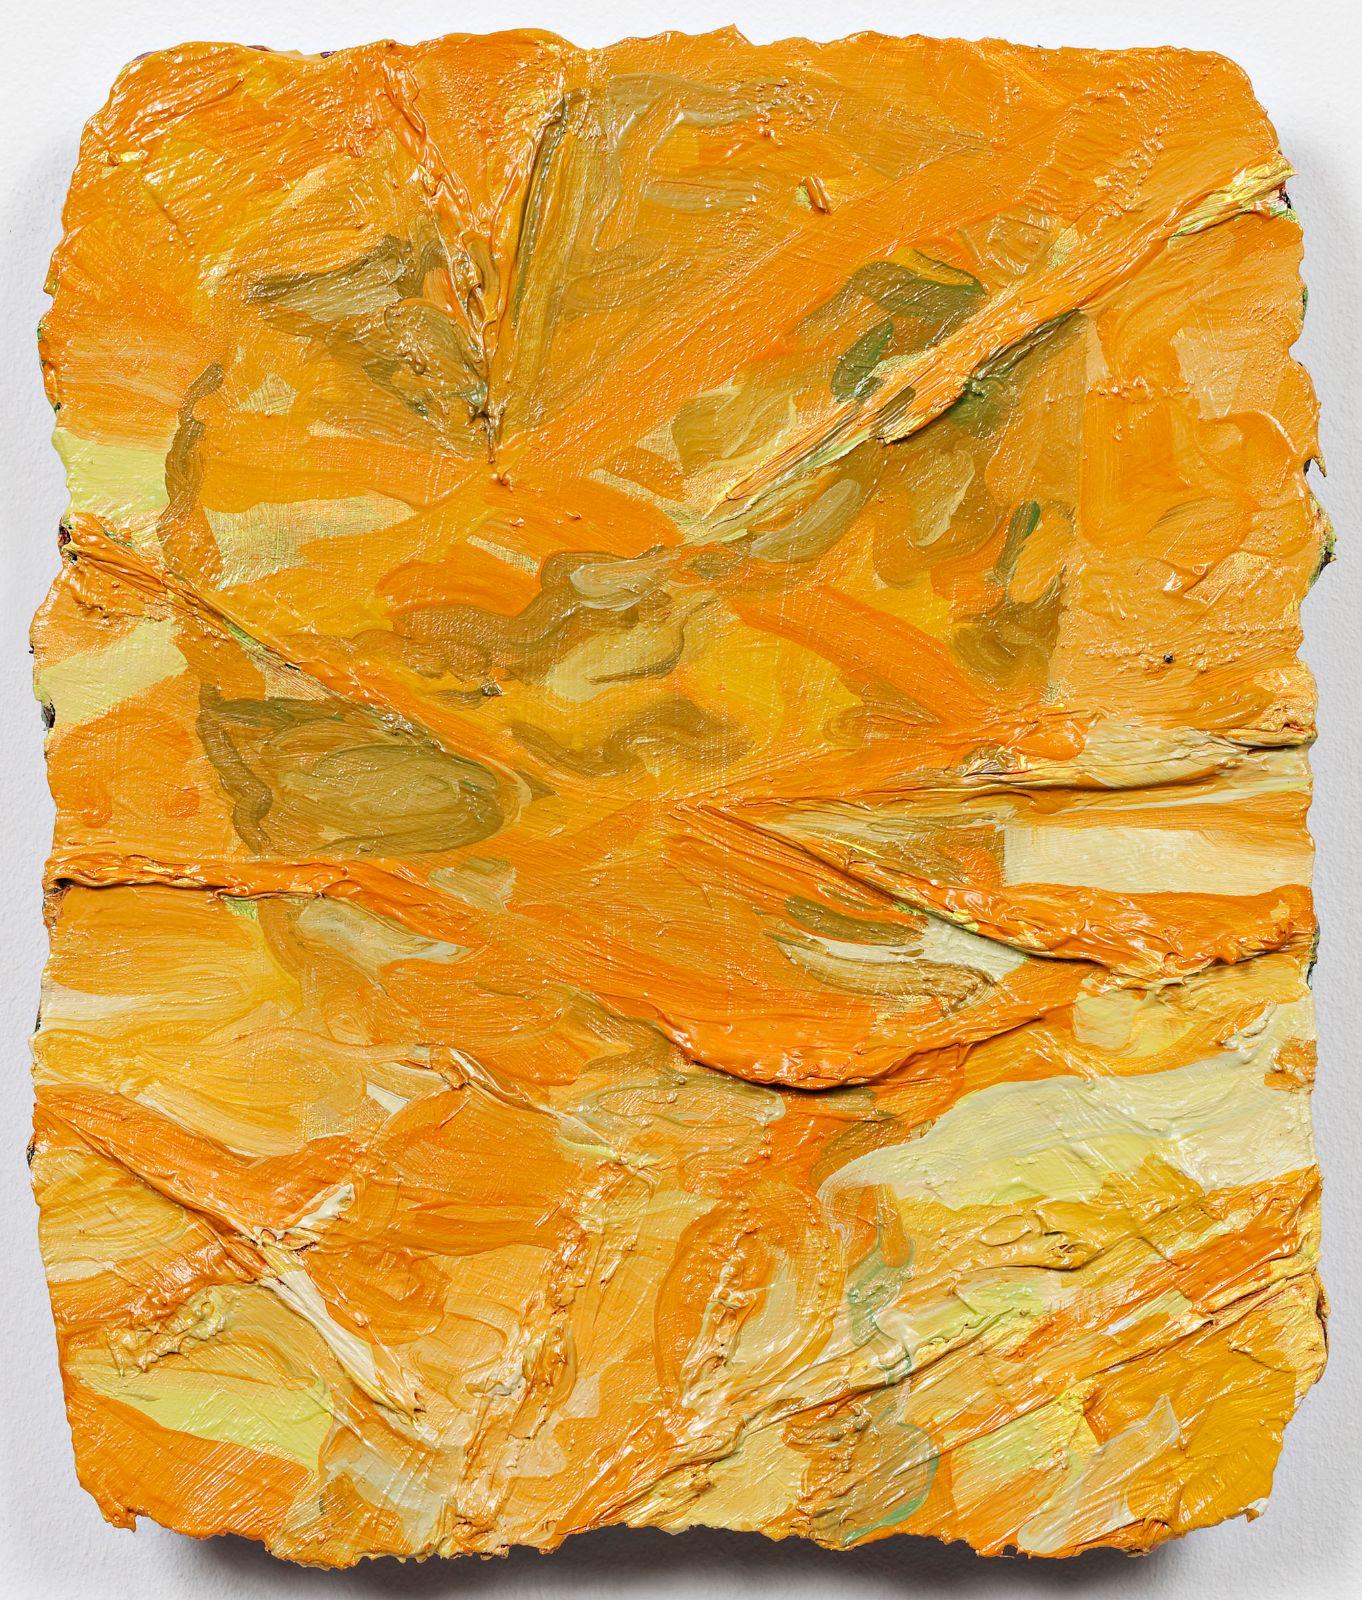 Studie til et ideelt hode (Mannequin), 2009, oil on canvas on panel, 30.5 x 25.5 cm